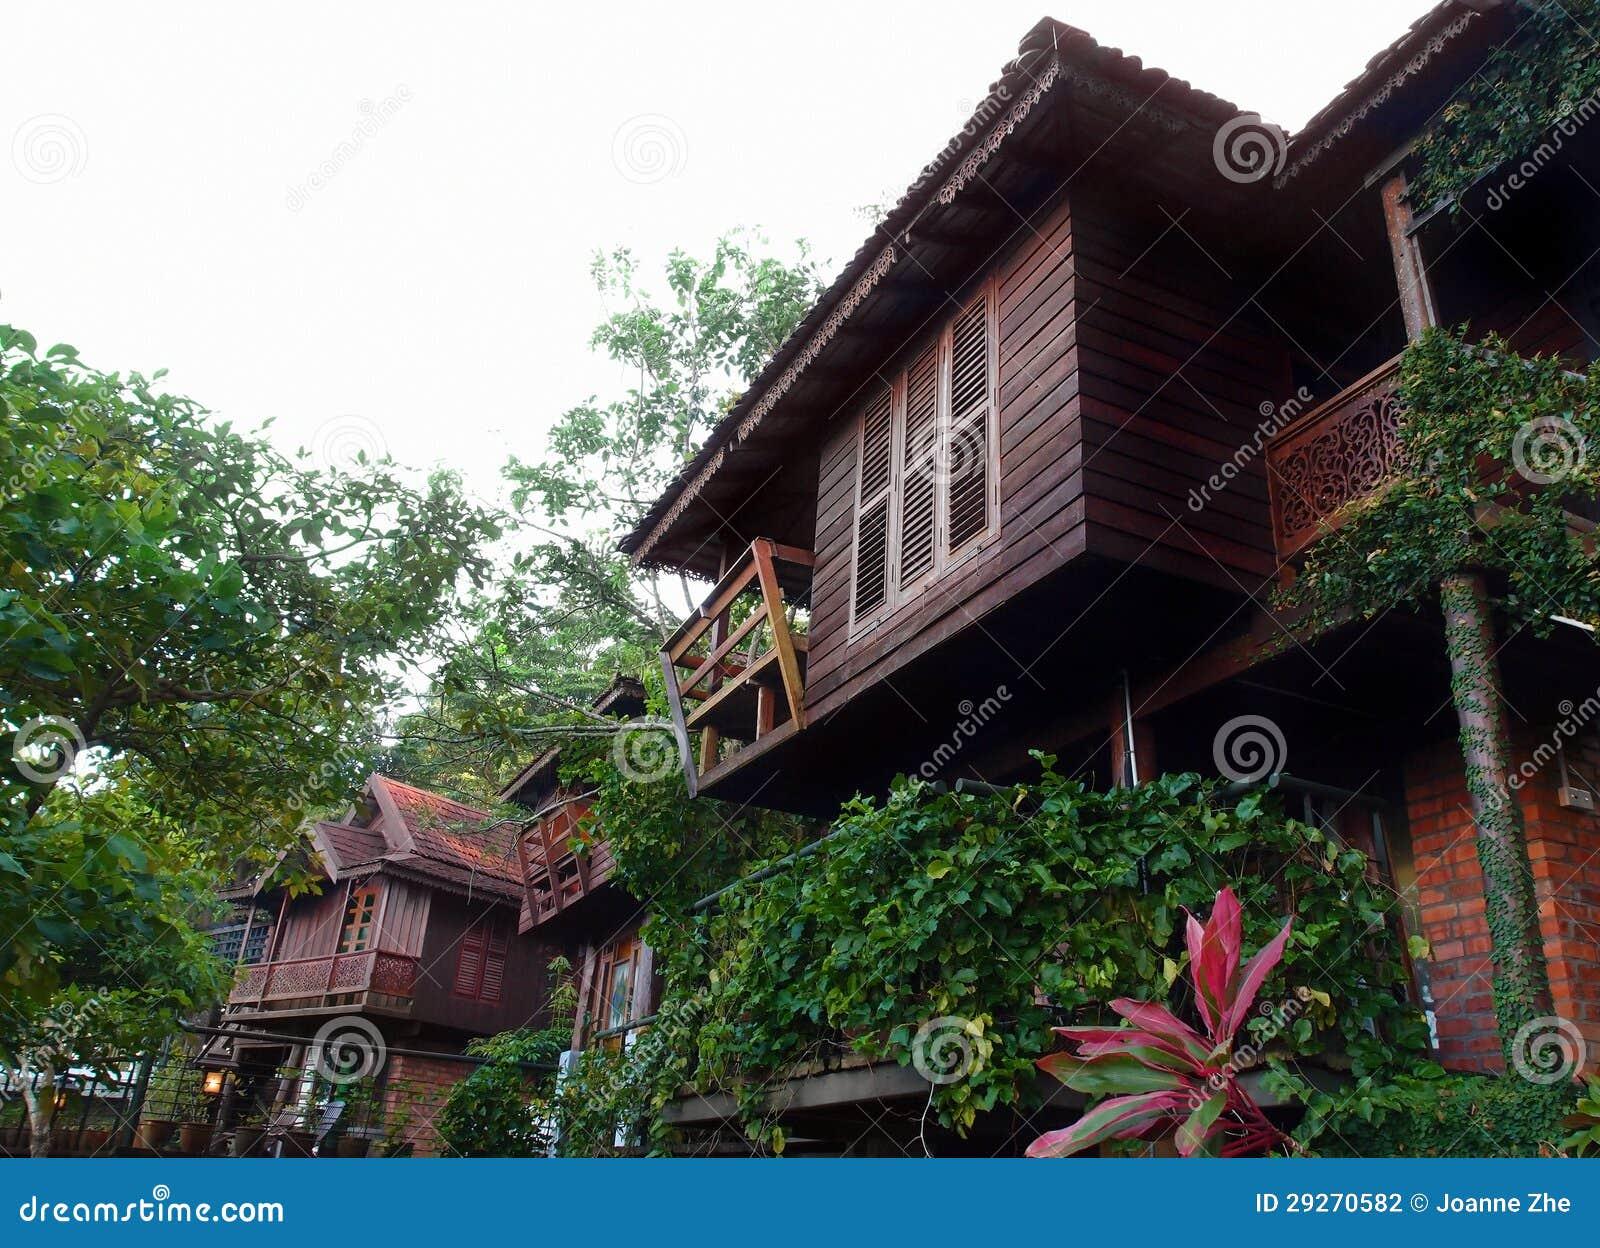 Architettura Tailandese & Patio Delle Costruzioni Di Case ...